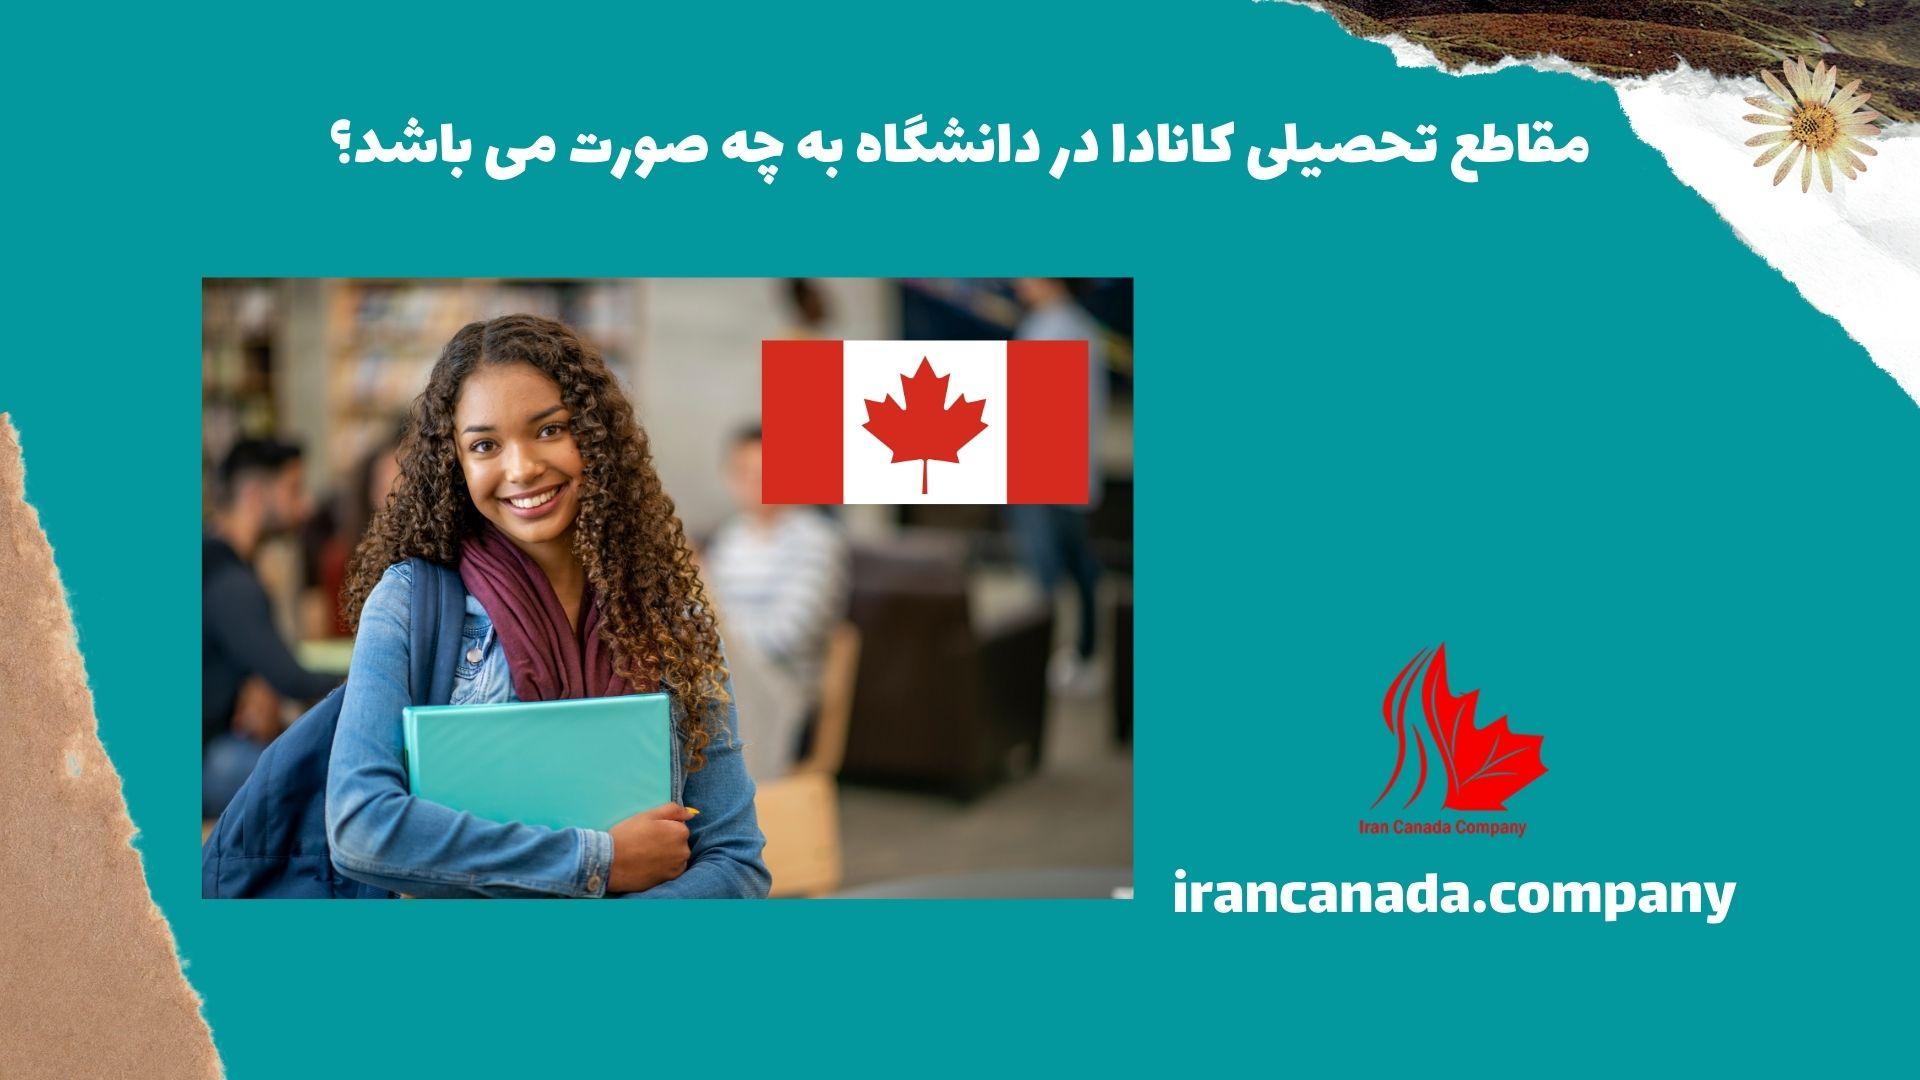 مقاطع تحصیلی کانادا در دانشگاه به چه صورت می باشد؟